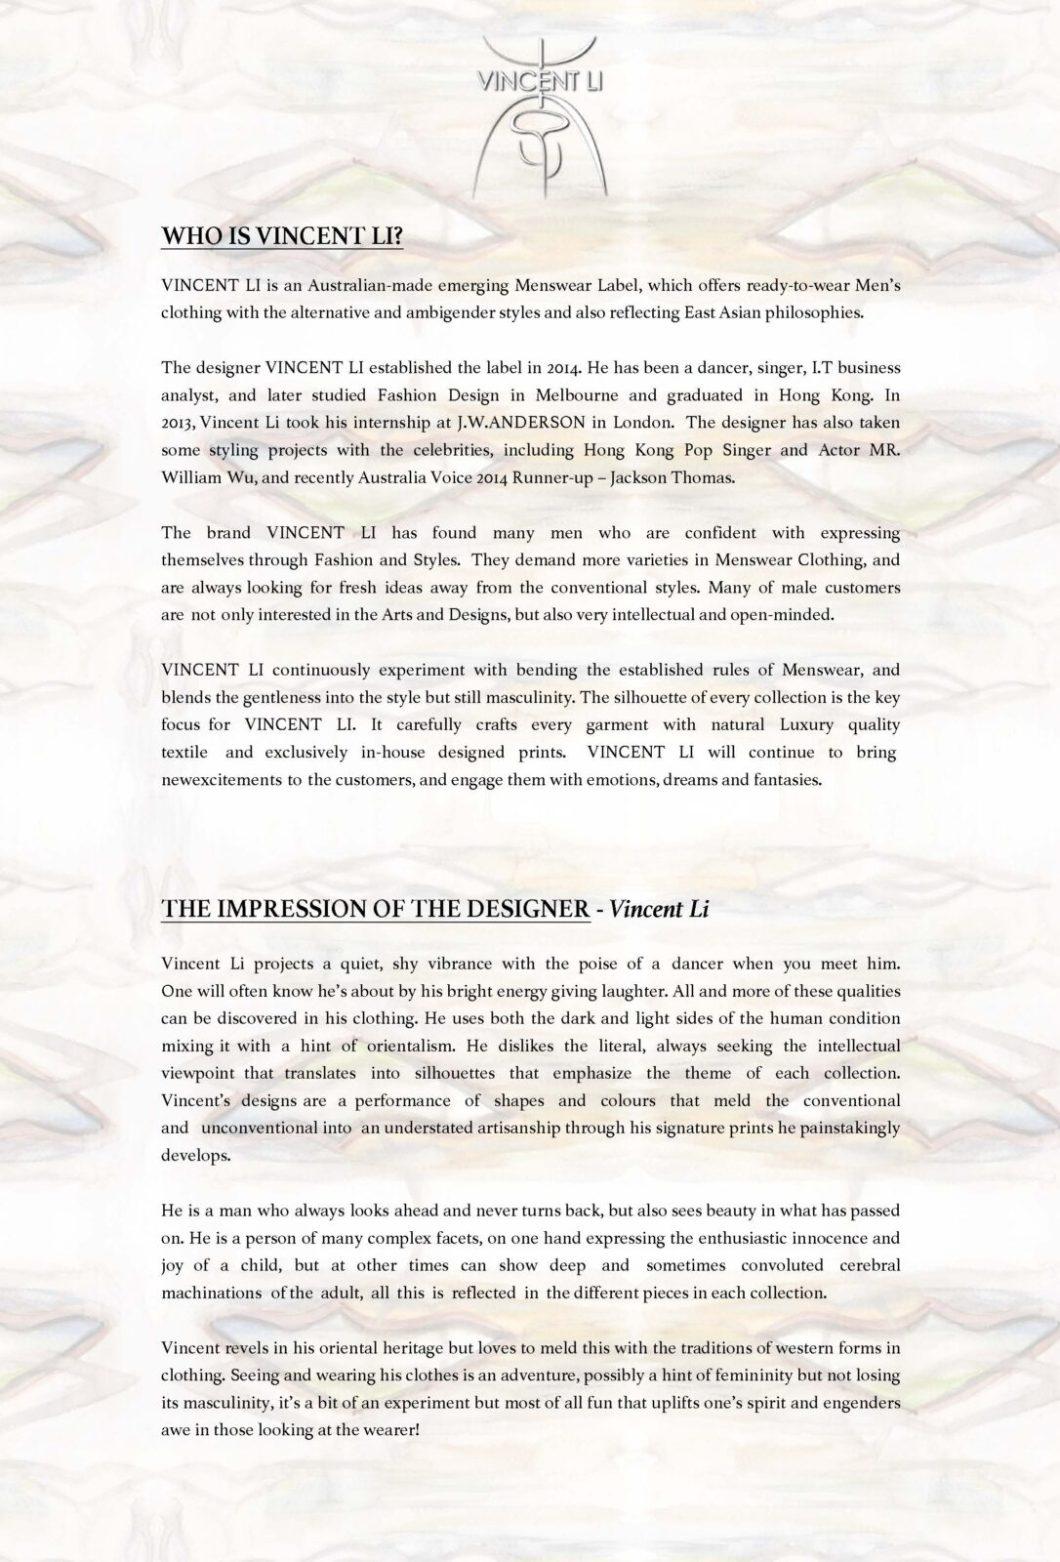 VINCENT LI - SS16 MENS - PRESS RELEASE_Page_2